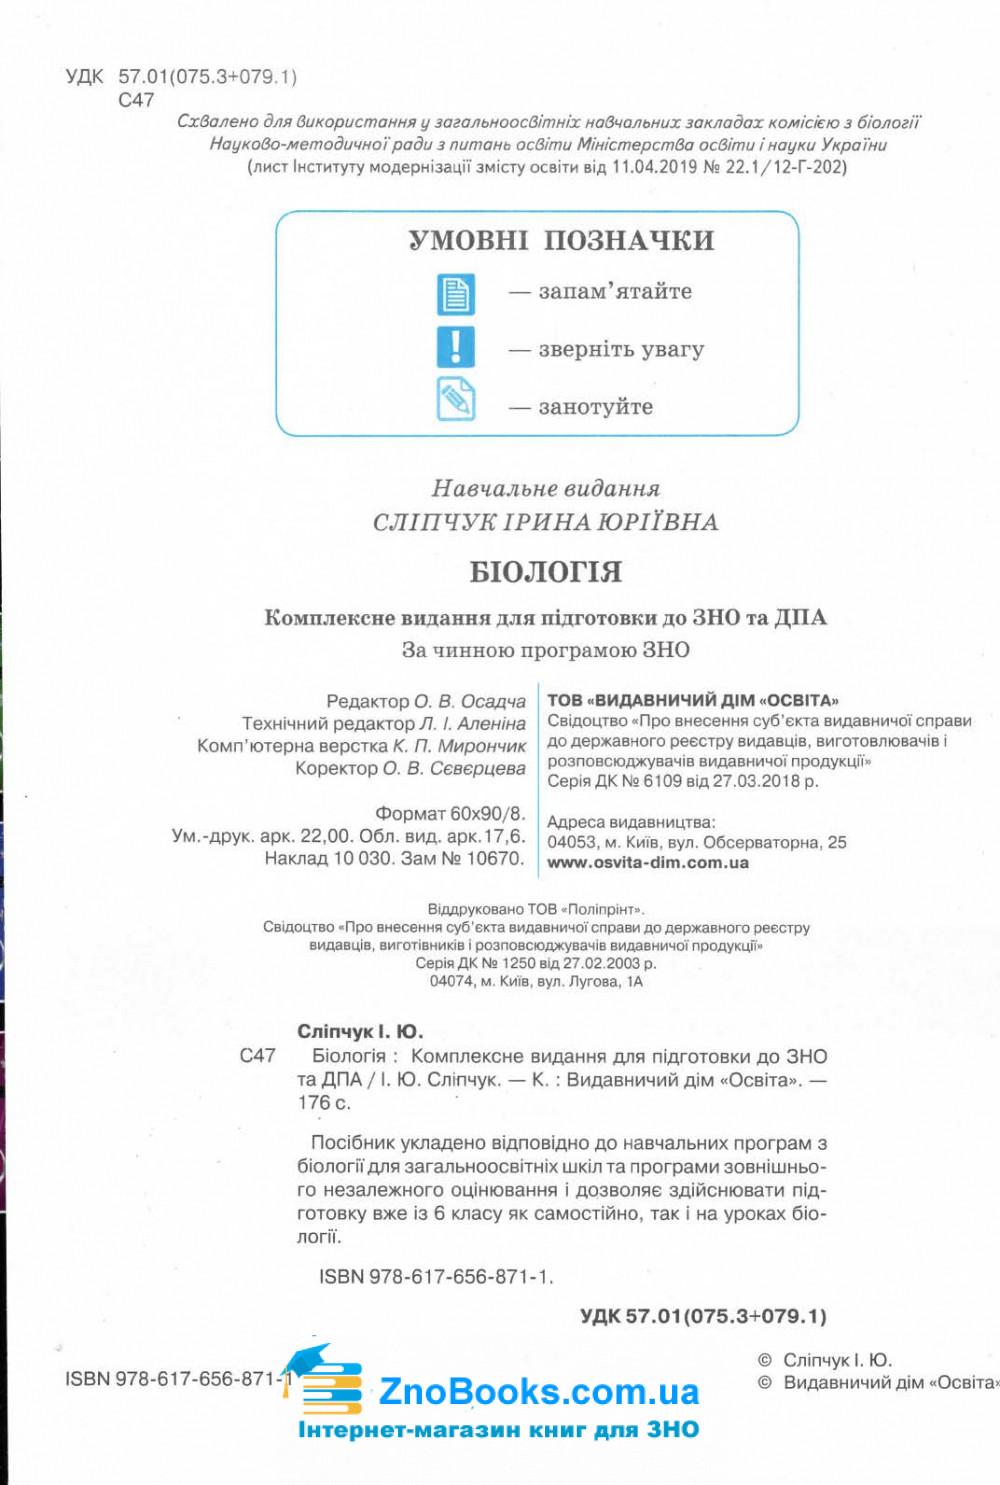 Біологія ЗНО 2021. Сліпчук І. Комплексне видання : Освіта купити 2